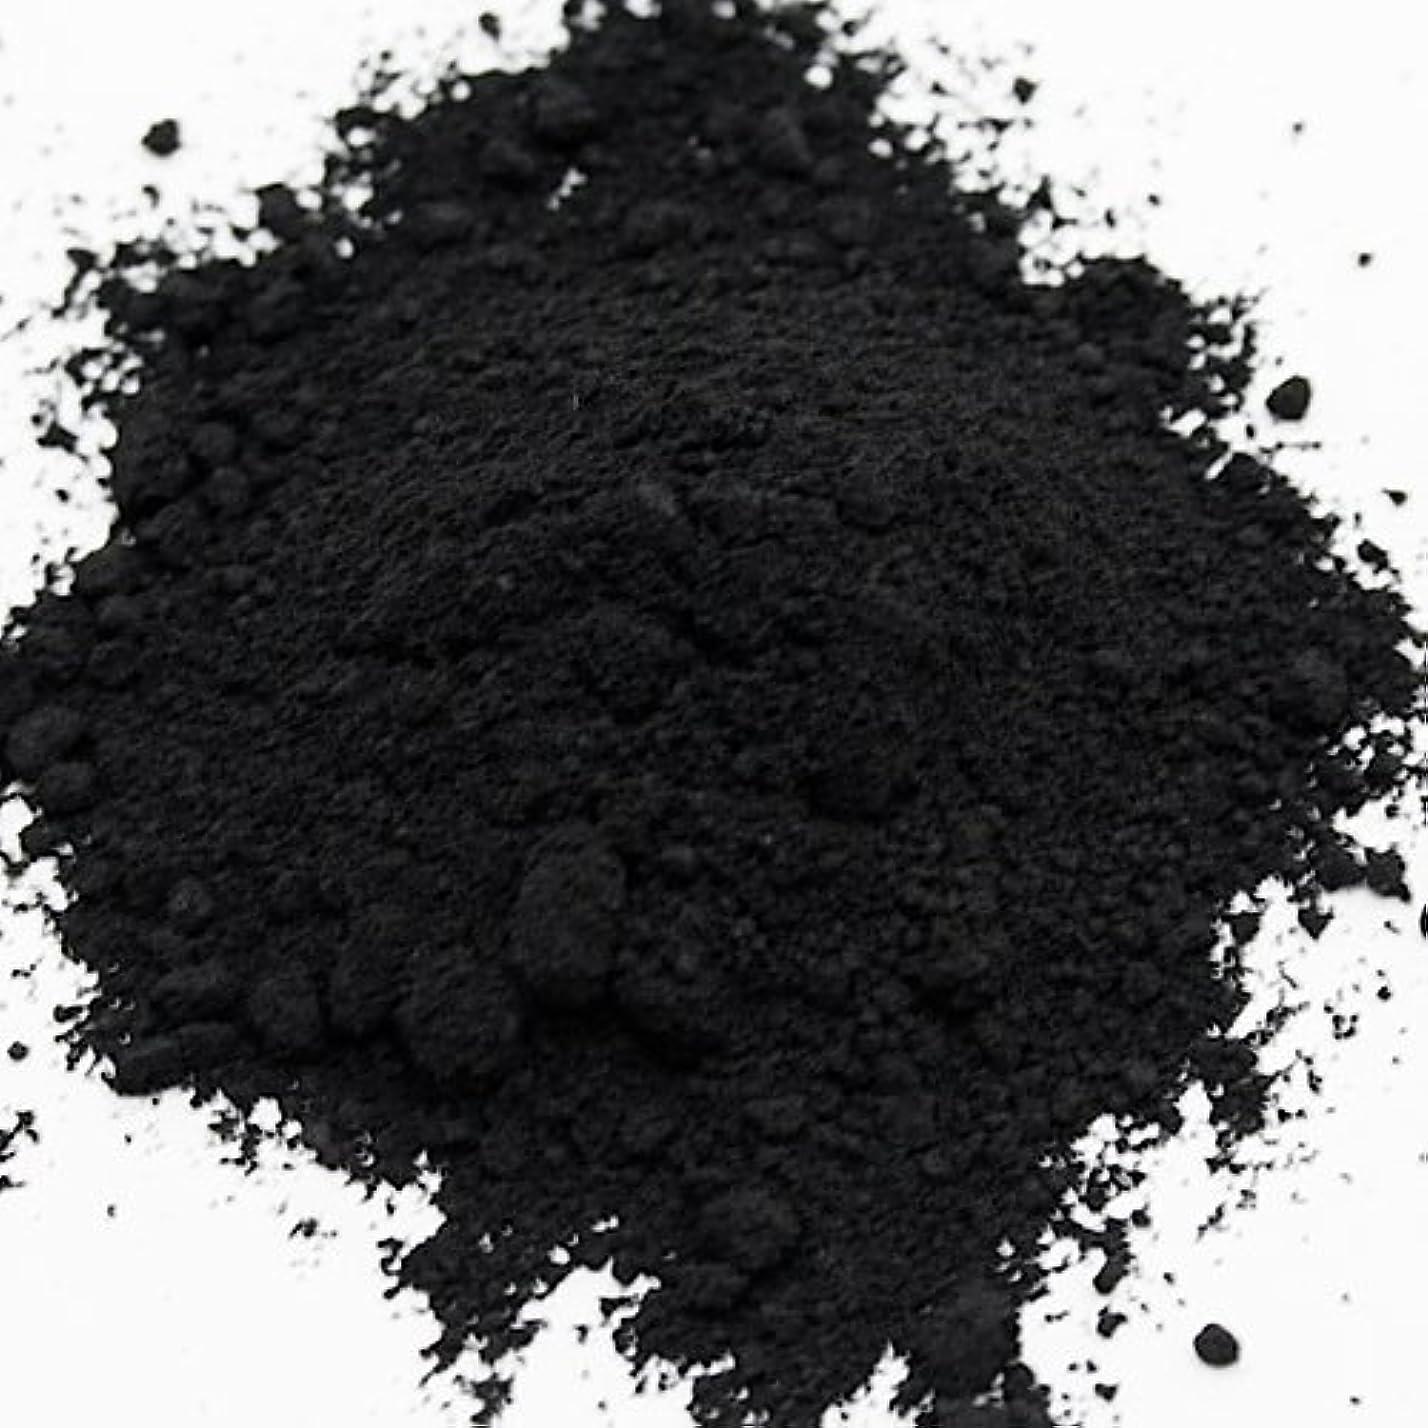 定義傷つける大破酸化鉄 ブラック 5g 【手作り石鹸/手作りコスメ/色付け/カラーラント/黒】